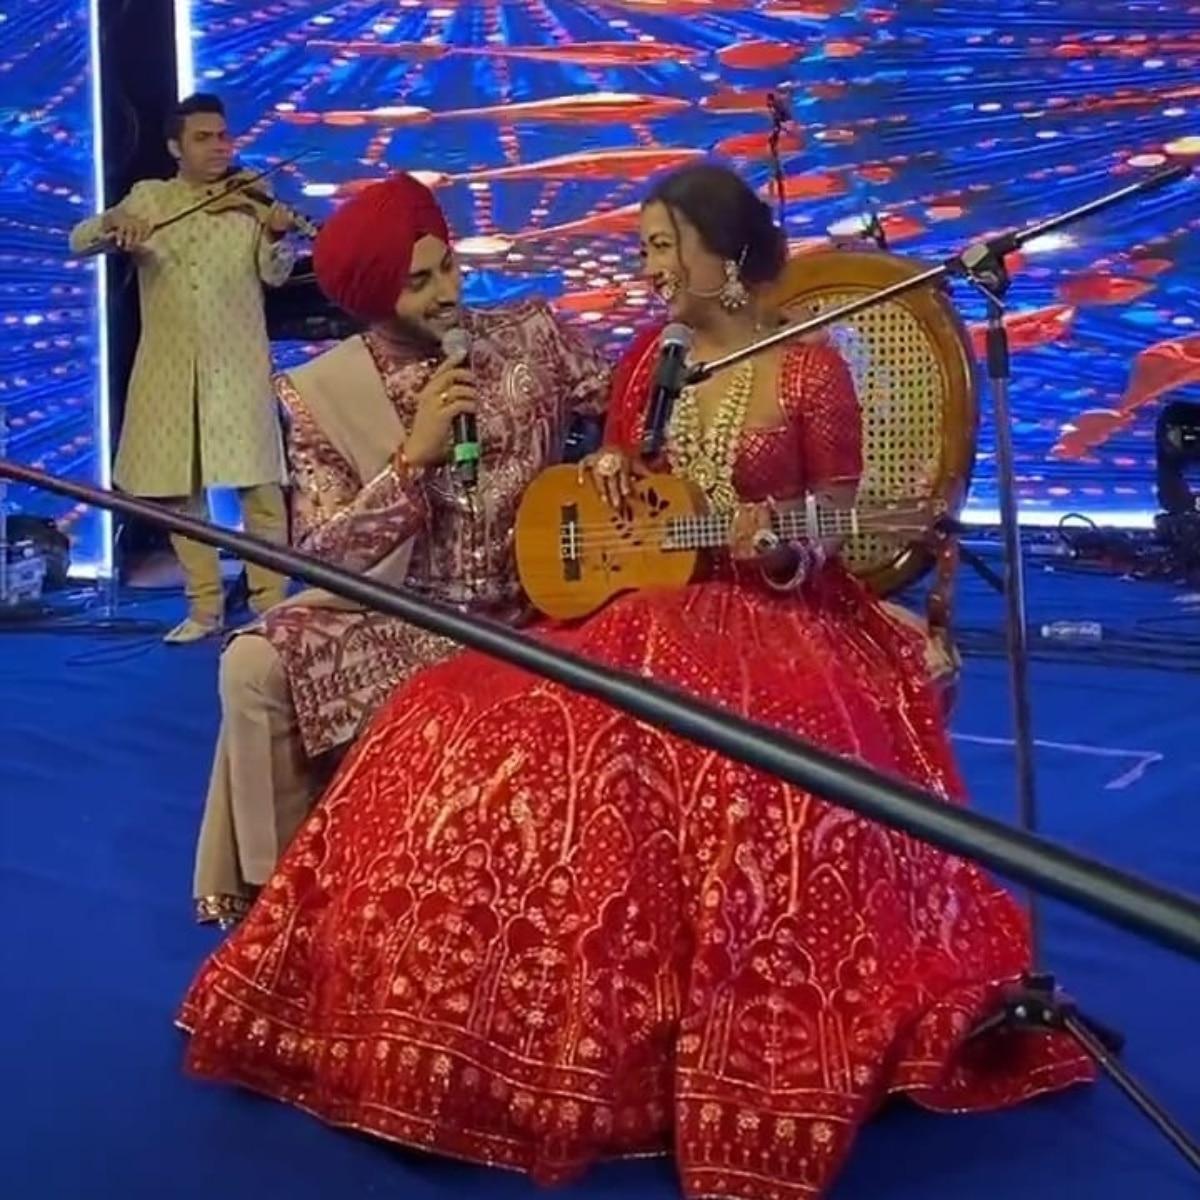 नेहा कक्कड़ और रोहनप्रीत सिंह